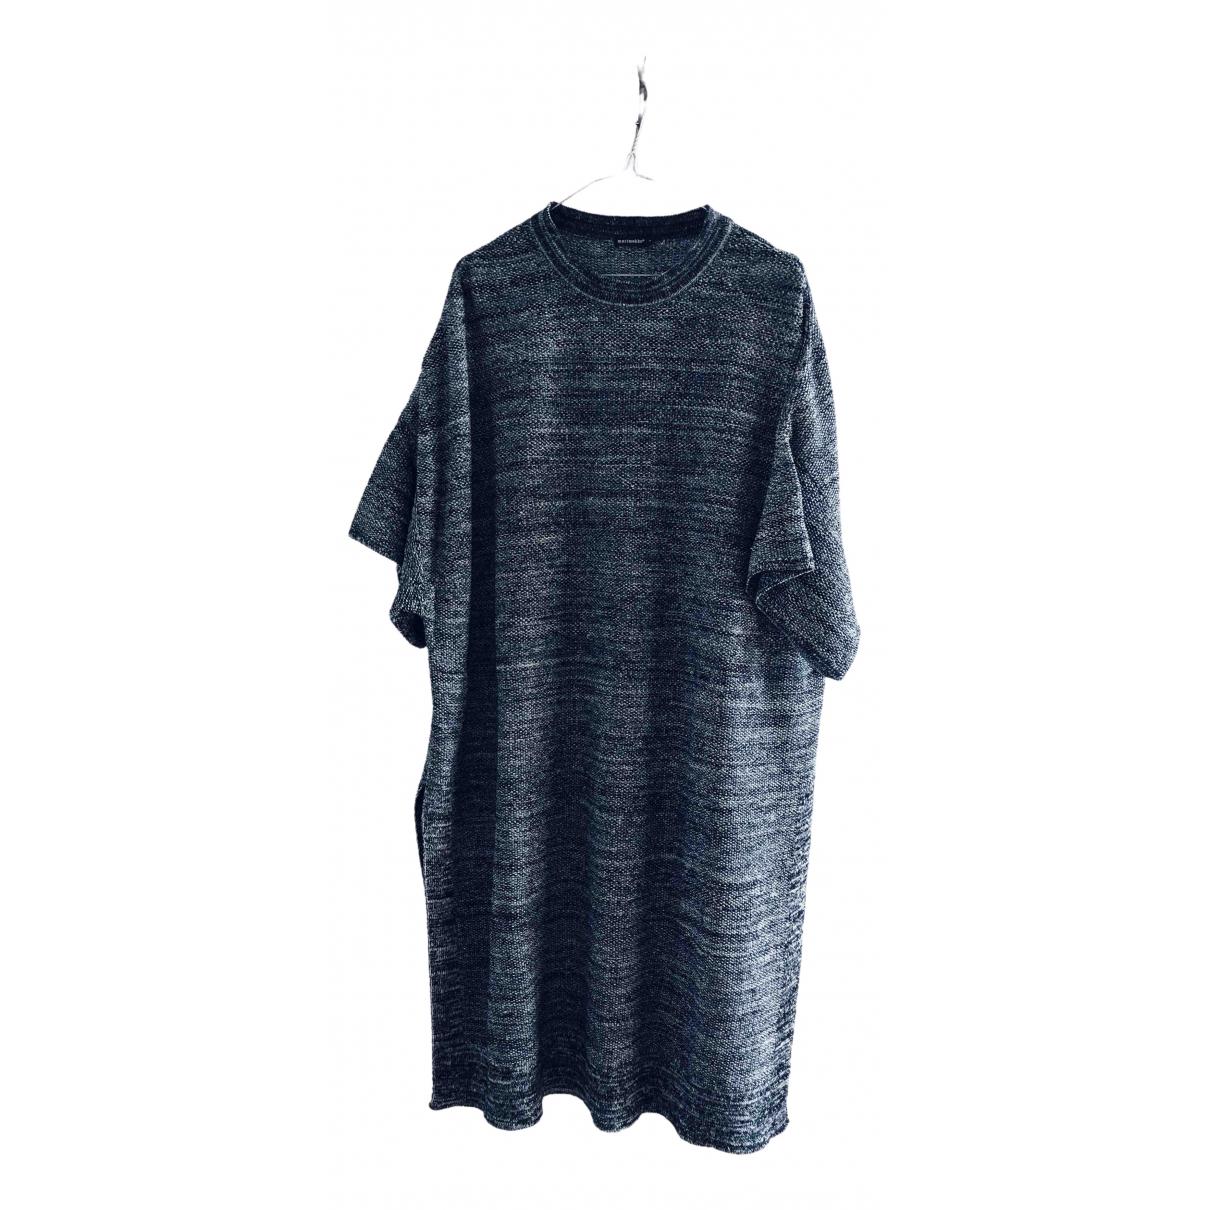 Marimekko \N Linen dress for Women S International